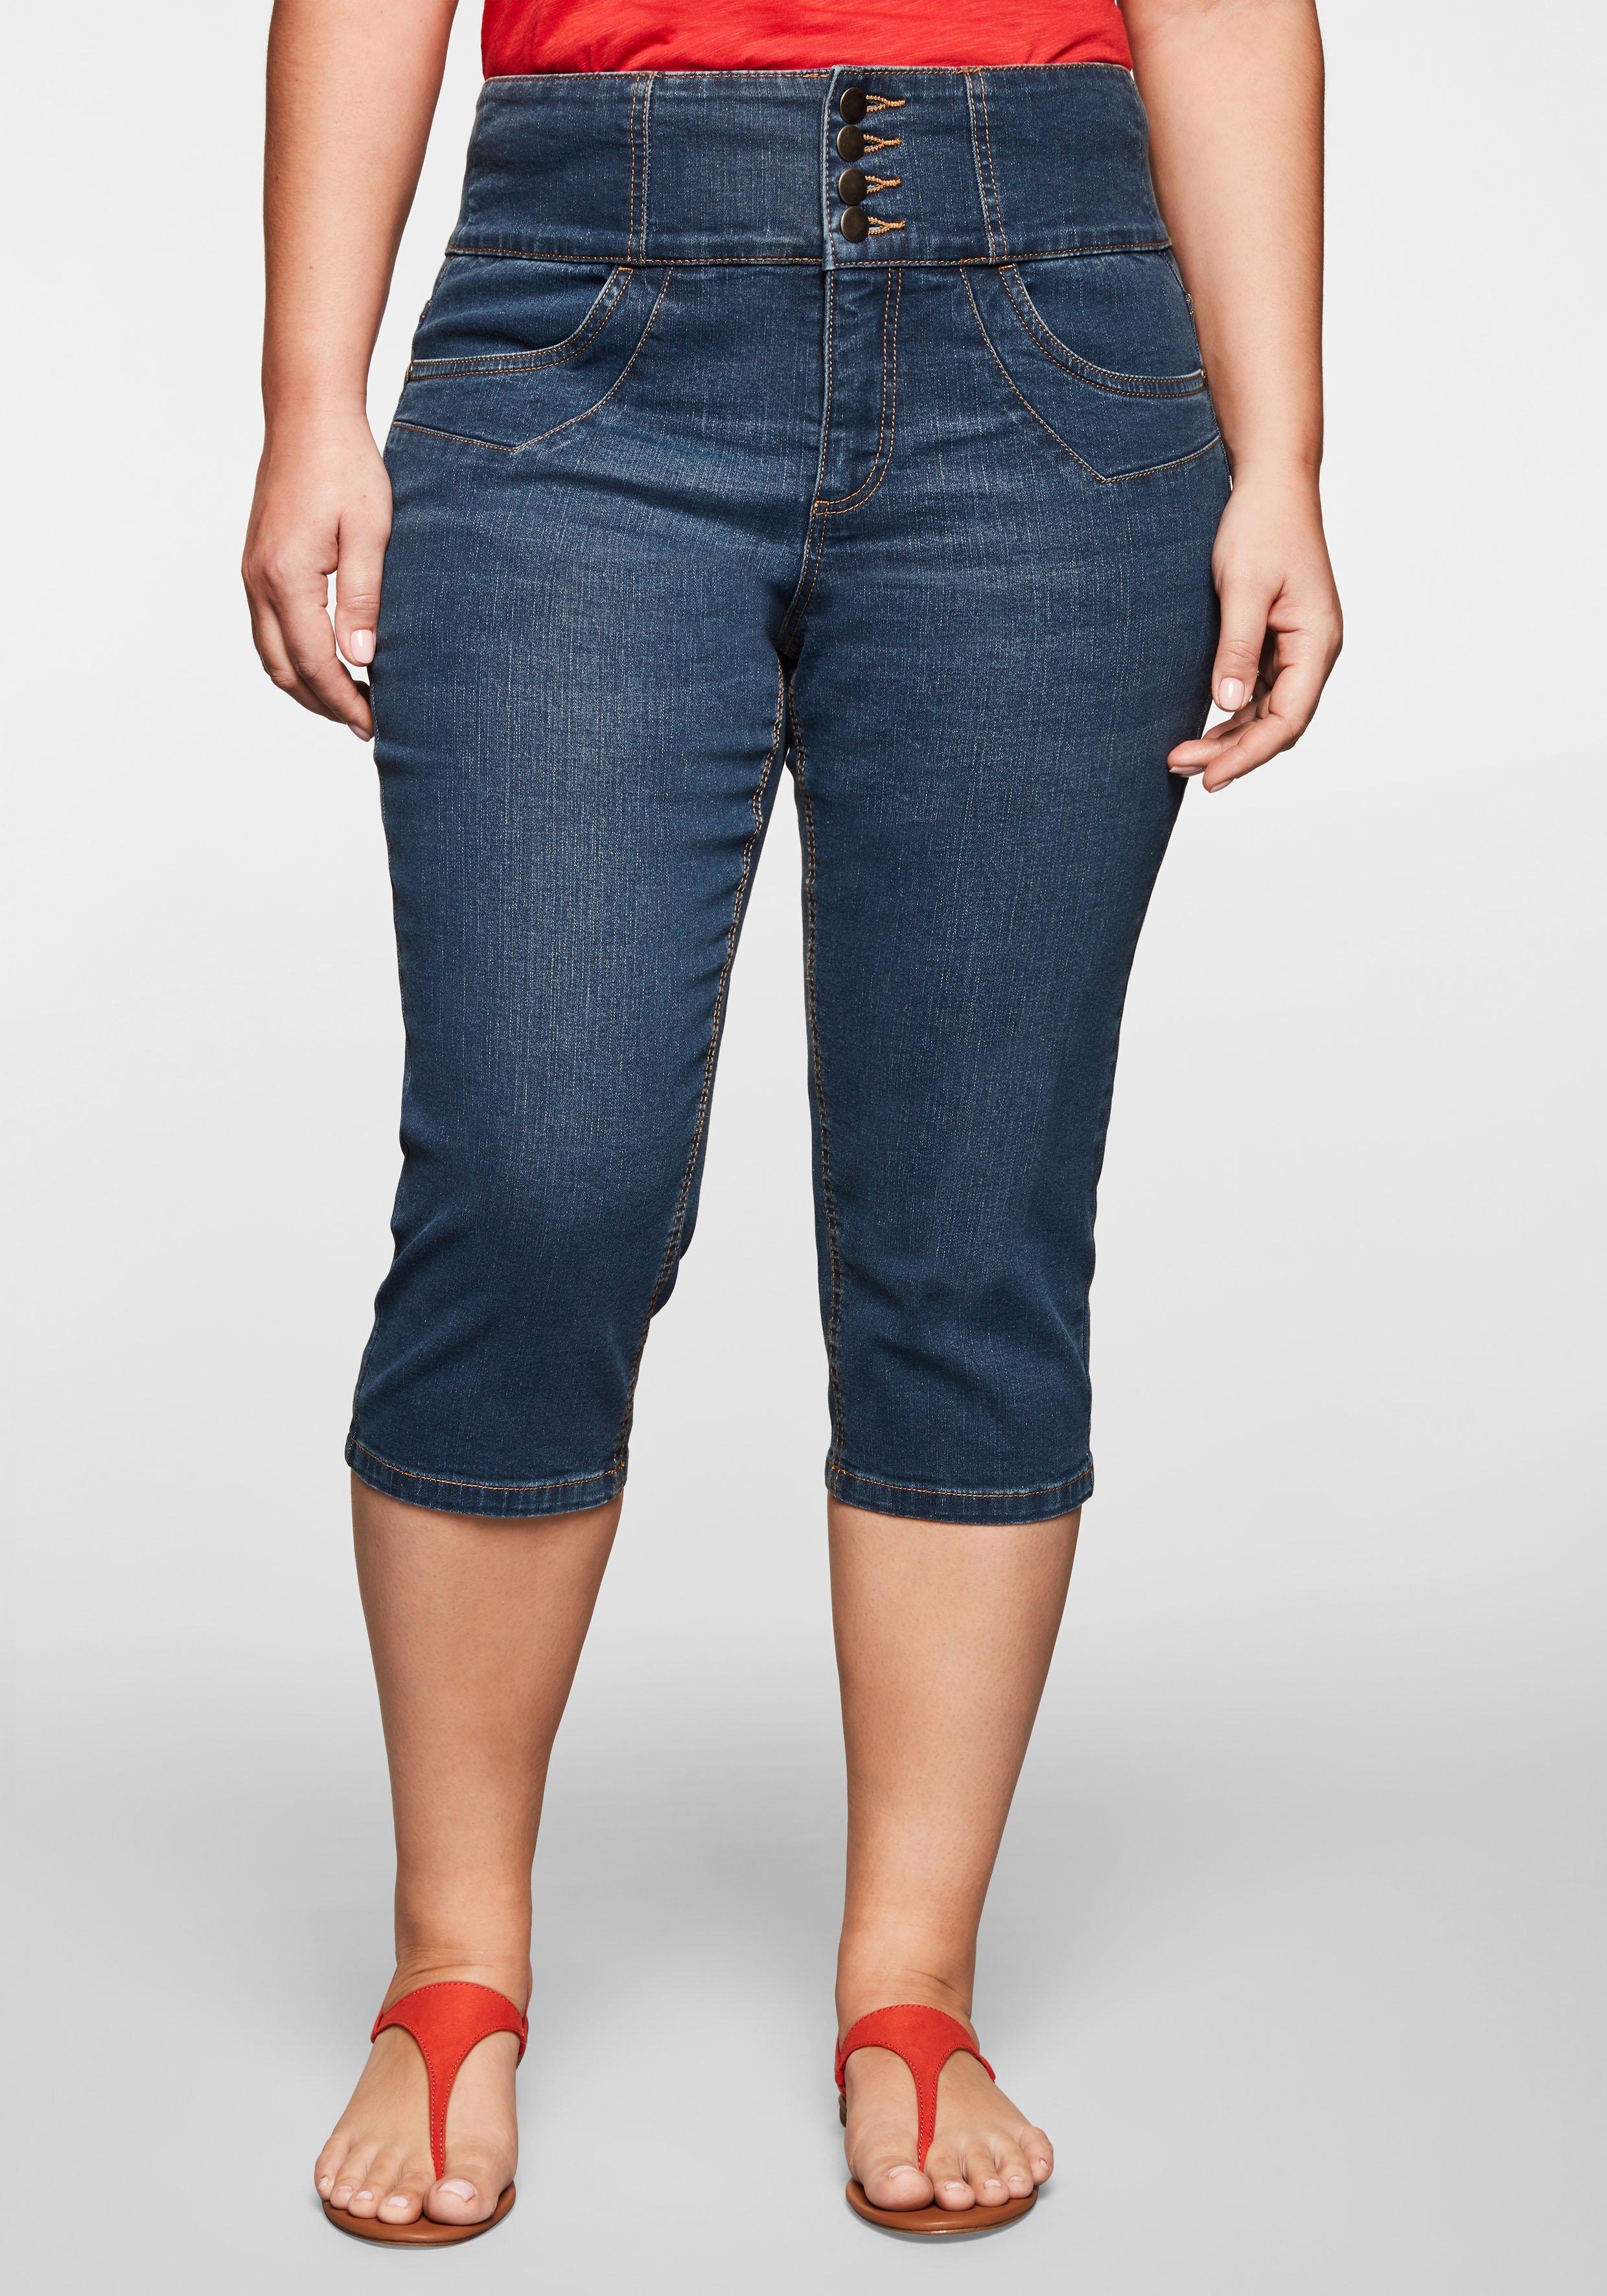 Sheego capri jeans voordelig en veilig online kopen